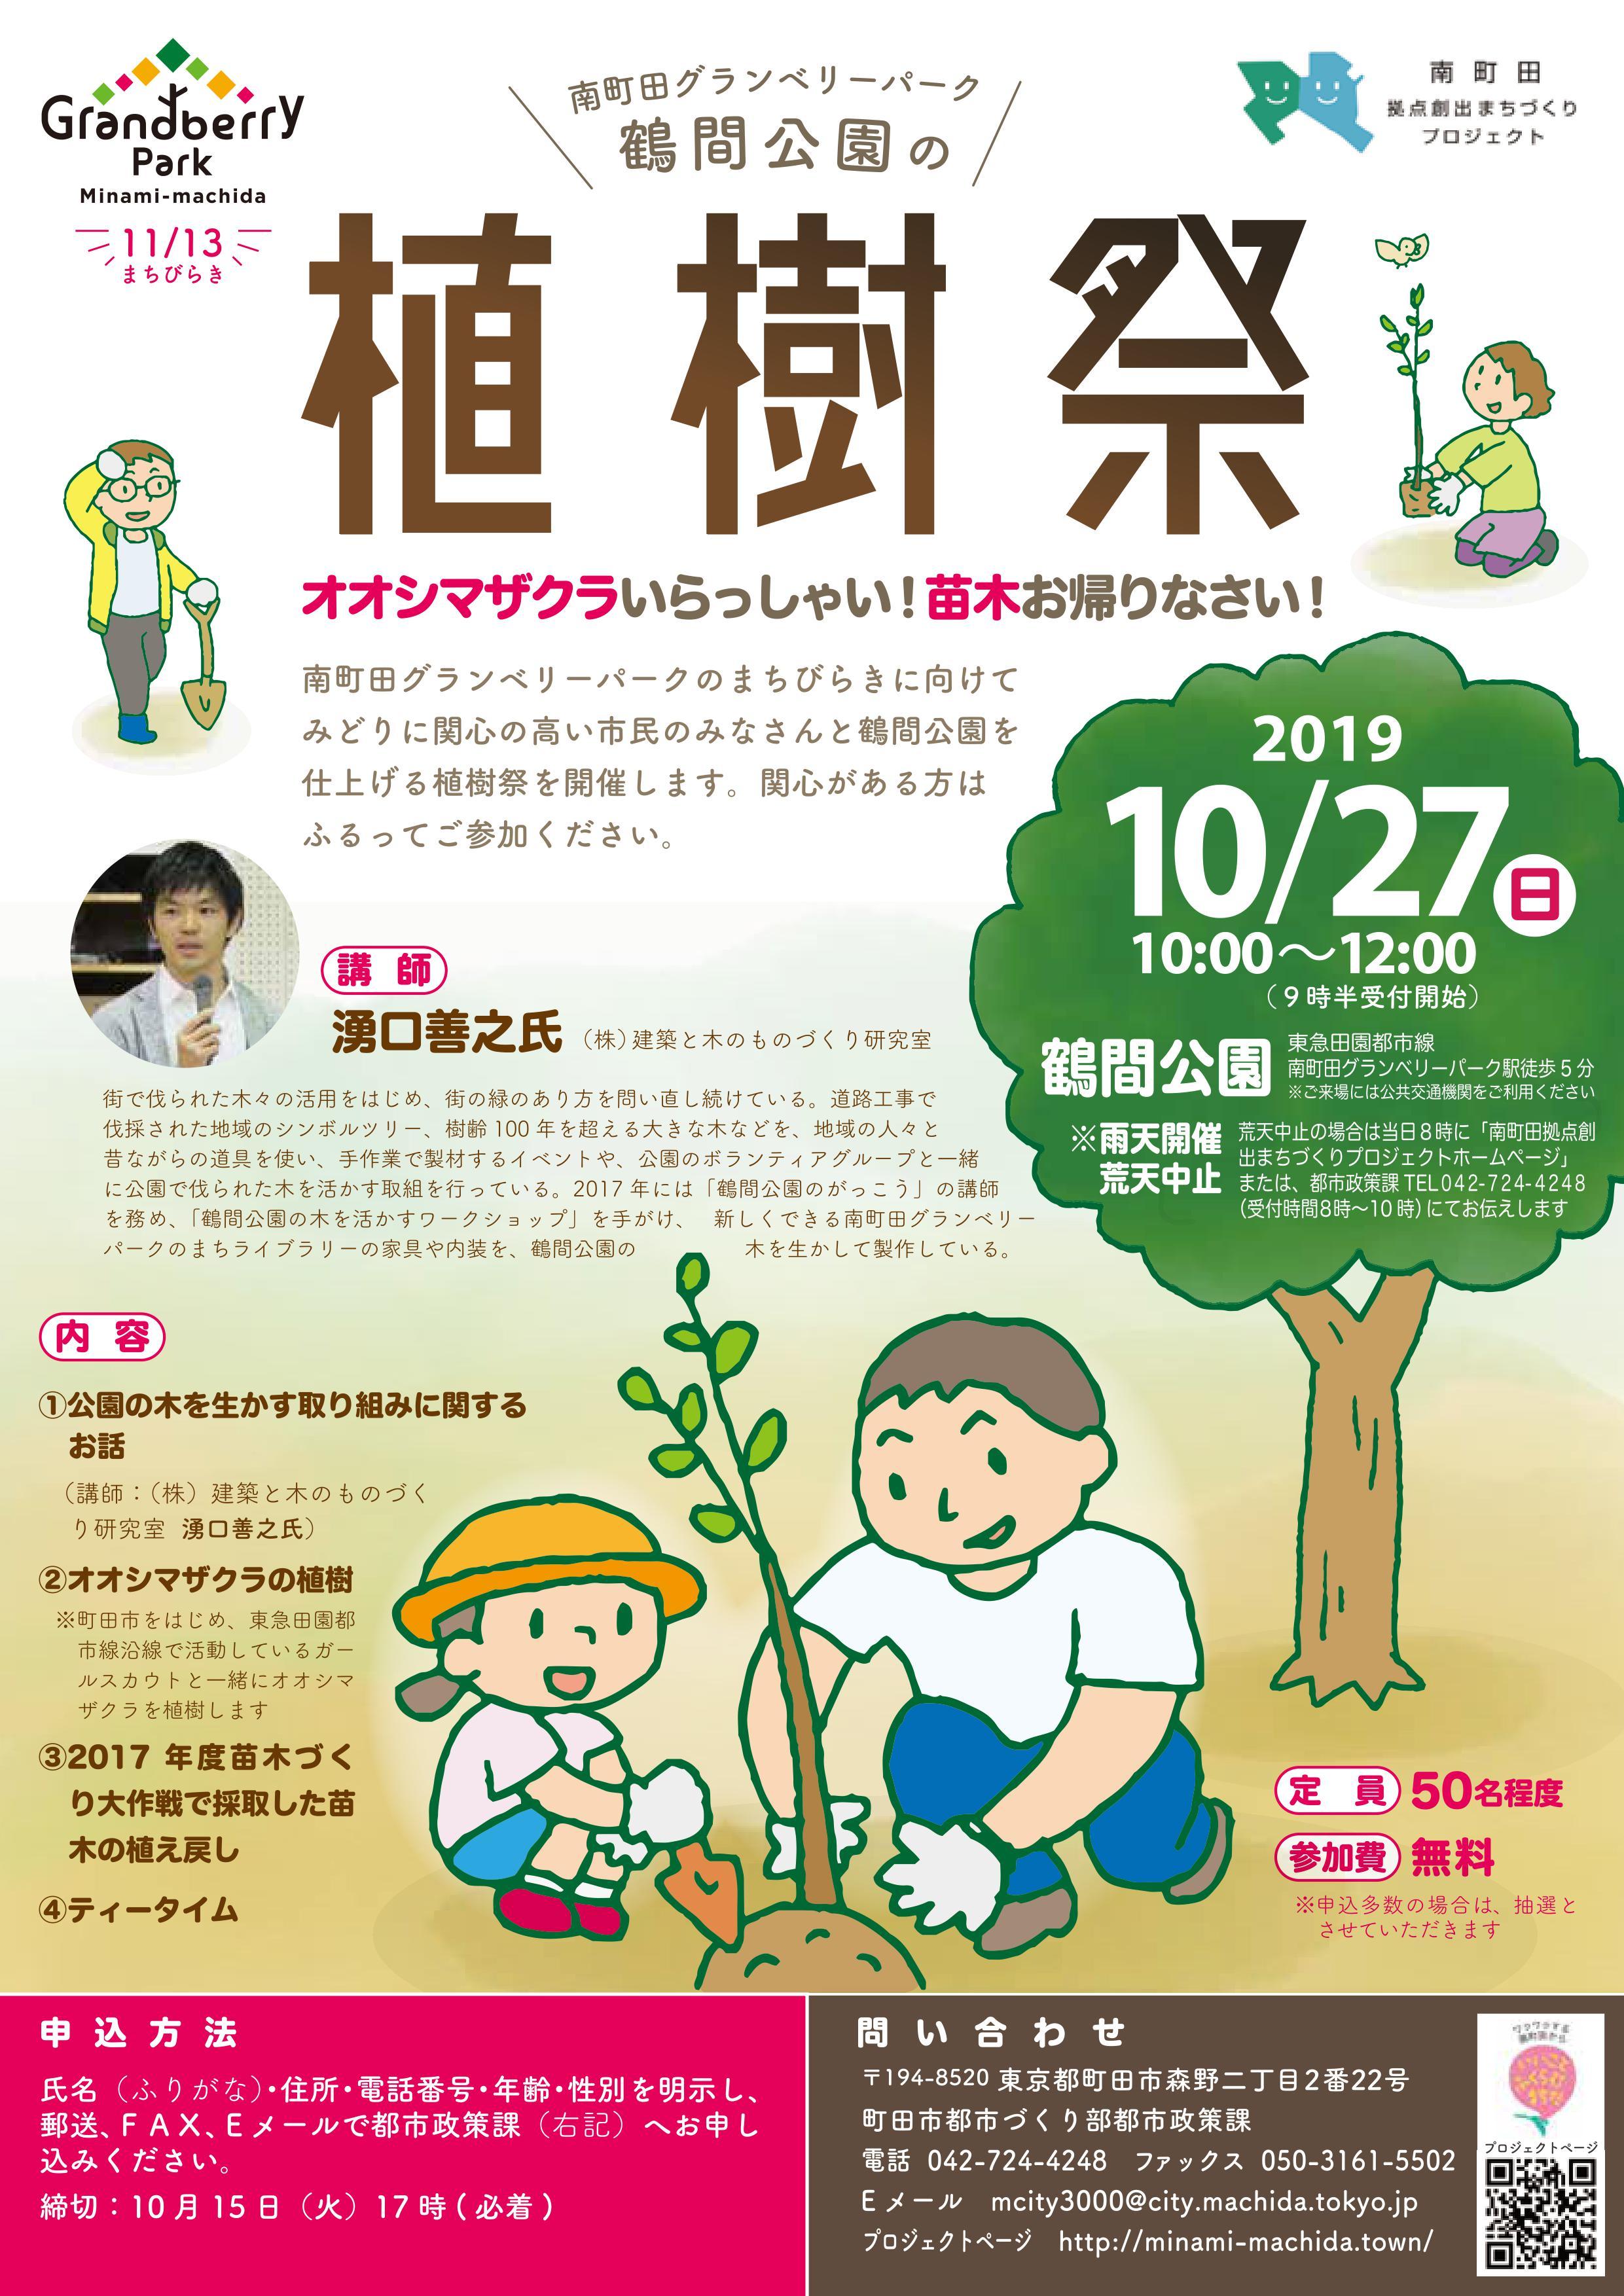 植樹祭のお知らせ